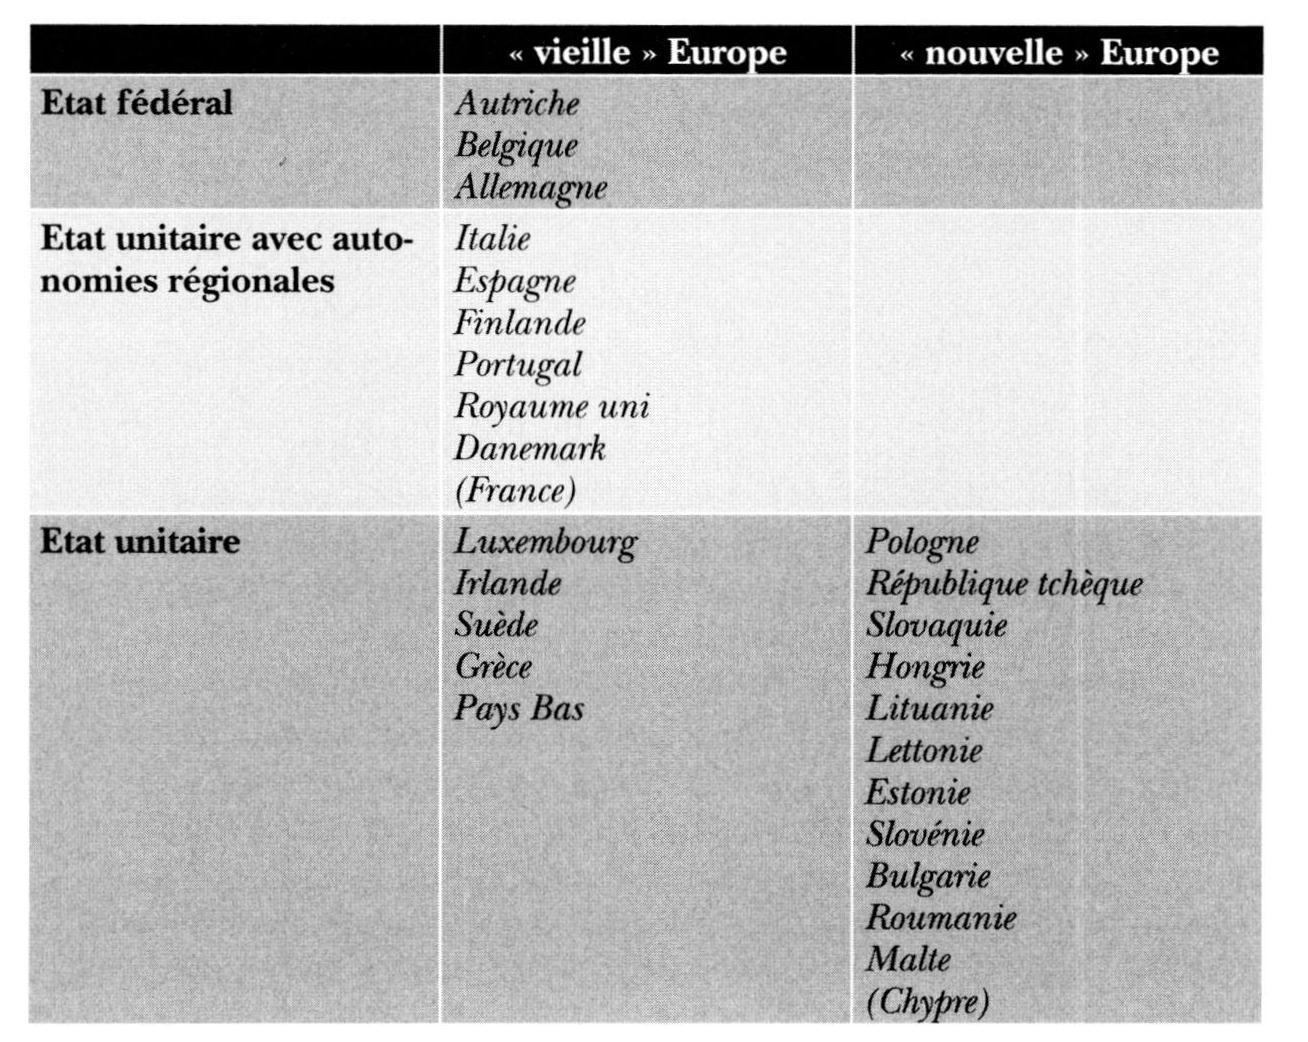 La dangereuse dérive de l'Europe